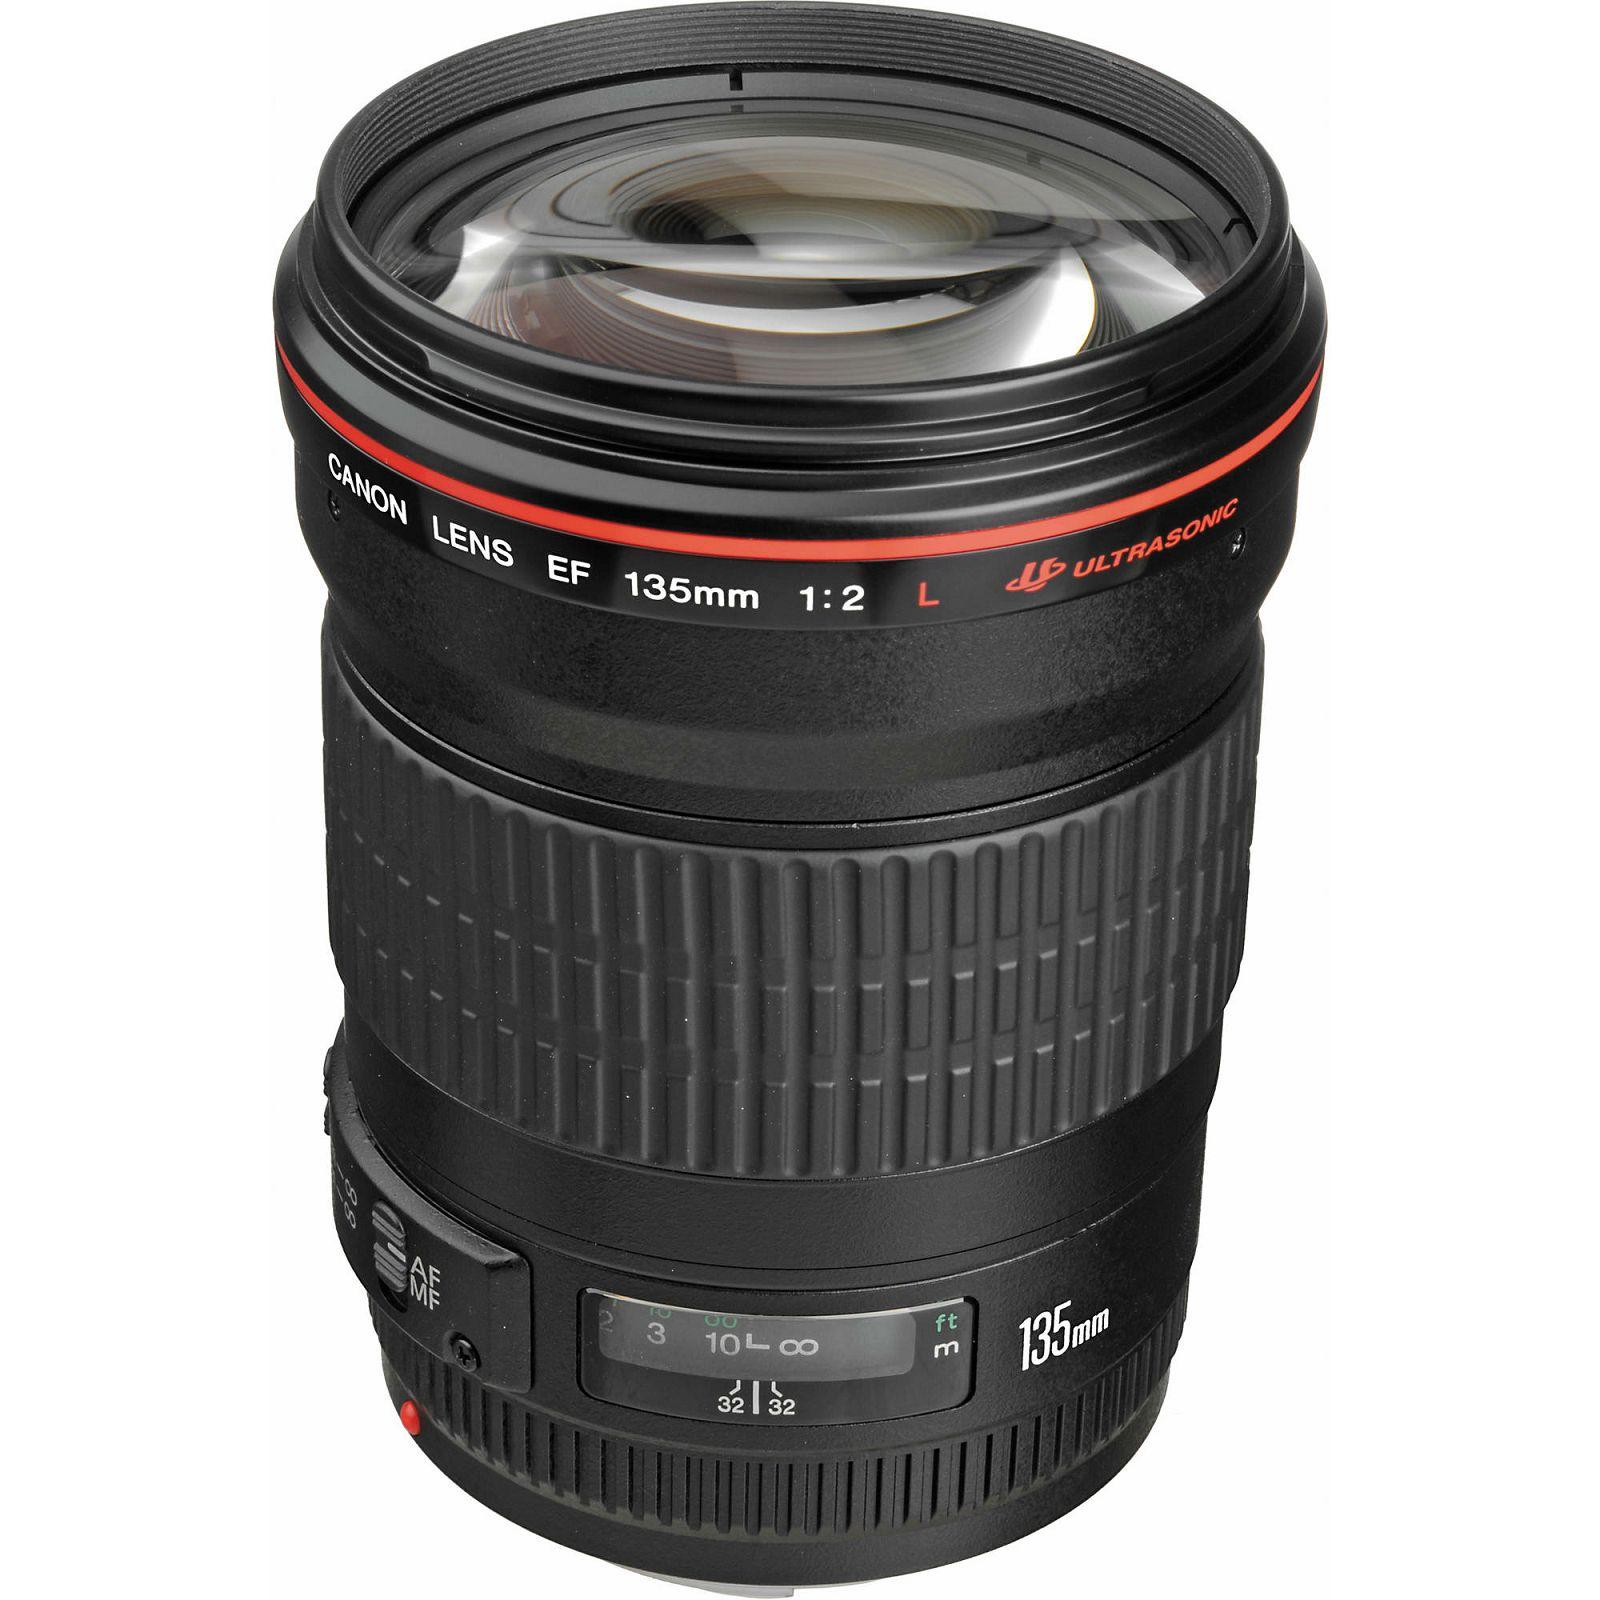 Canon EF 135mm f/2 L USM portretni telefoto objektiv prime lens 135 2.0 1:2,0 F2.0 F2 F/2.0 f/2L (2520A015AA)